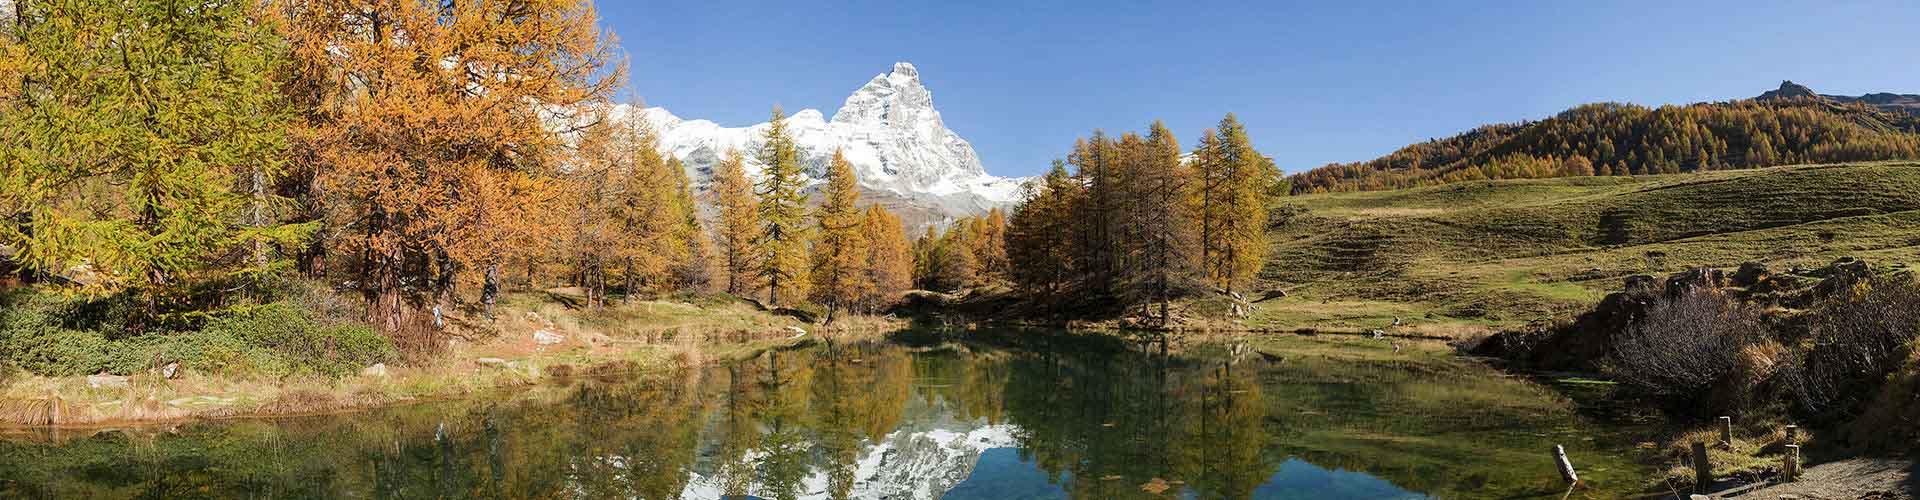 Aosta - Camping à Aosta. Cartes pour Aosta, photos et commentaires pour chaque Camping à Aosta.